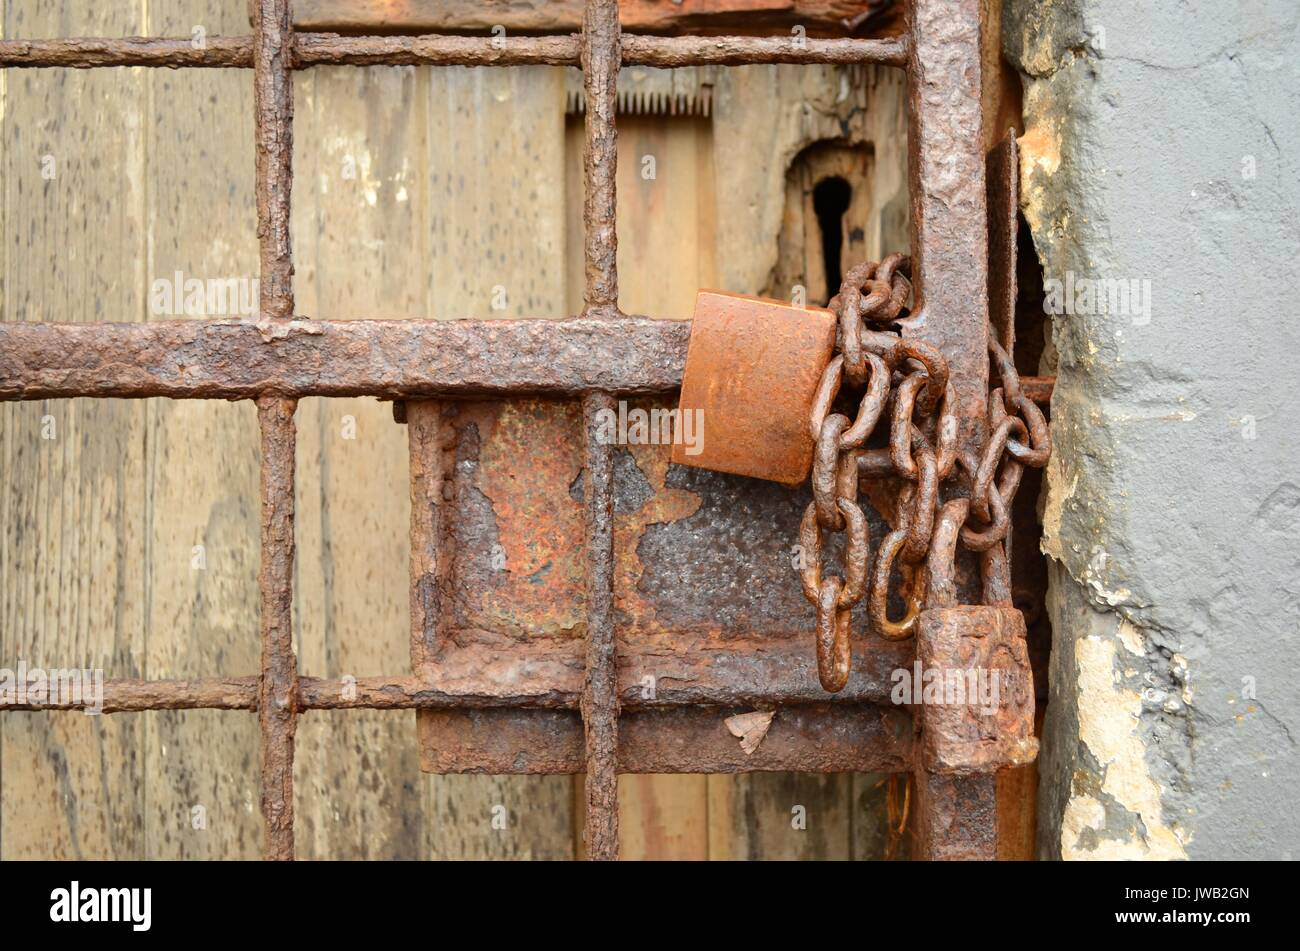 Porte Bois Gris Clair close up of rusty chaîne et cadenas rouillé sur la barrière